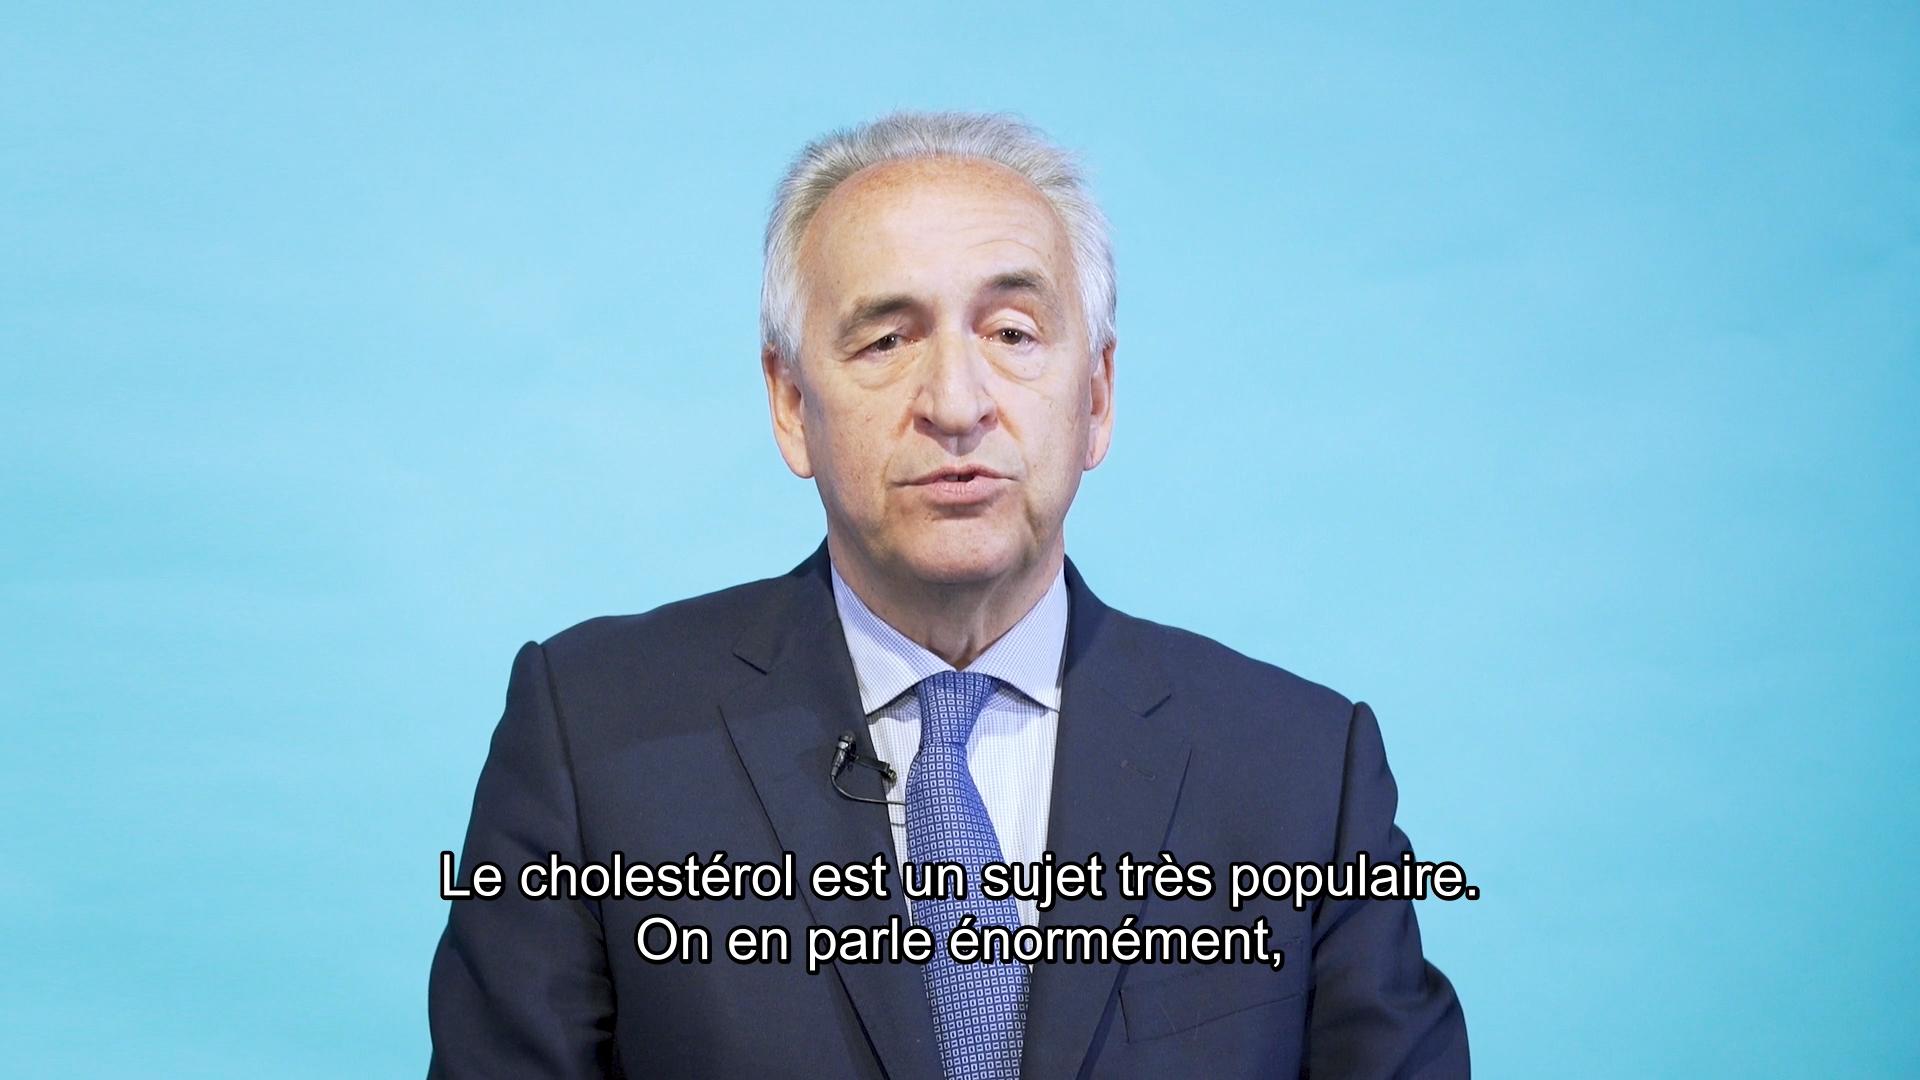 Parole d'expert: Qu'est-ce que le cholestérol ?